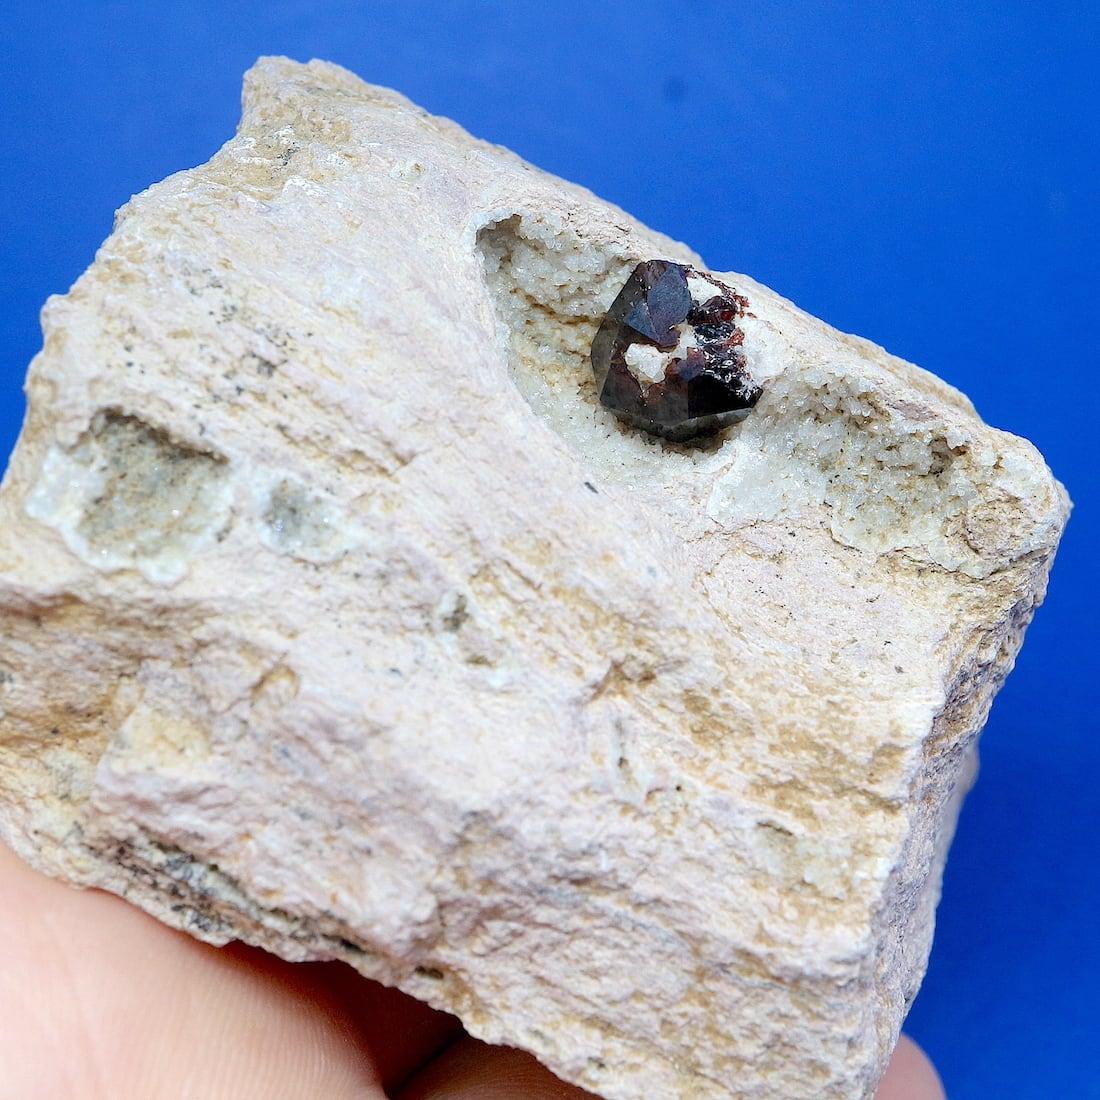 アルマンディン ガーネット 柘榴石 164,6g  原石 GN114 鉱物 標本 原石 天然石